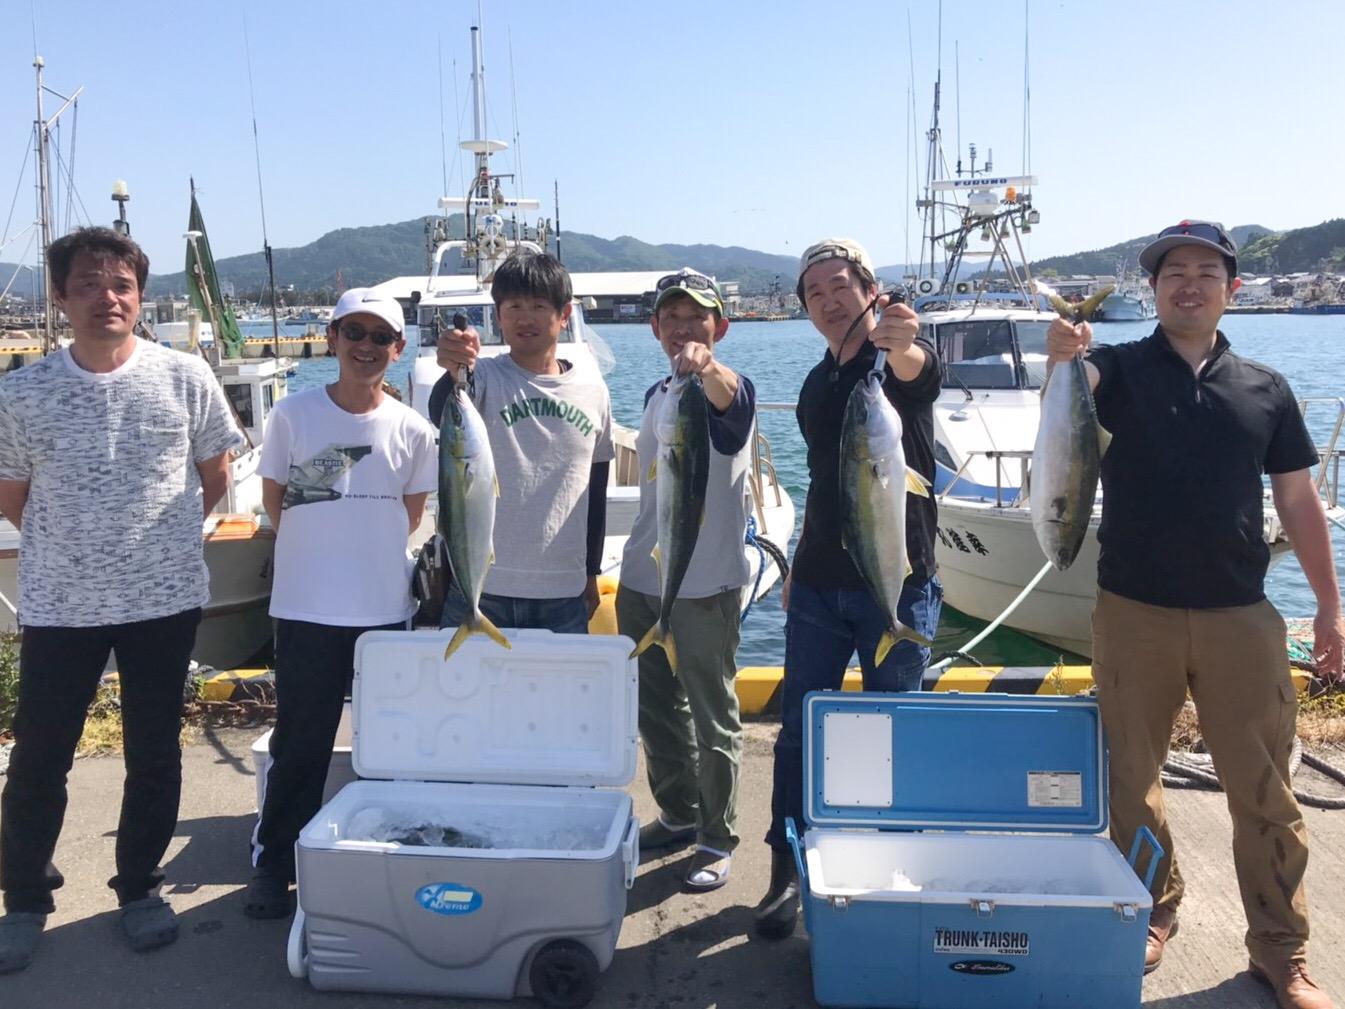 オスカー釣り部、5月のブリジギングで石川県輪島市への画像